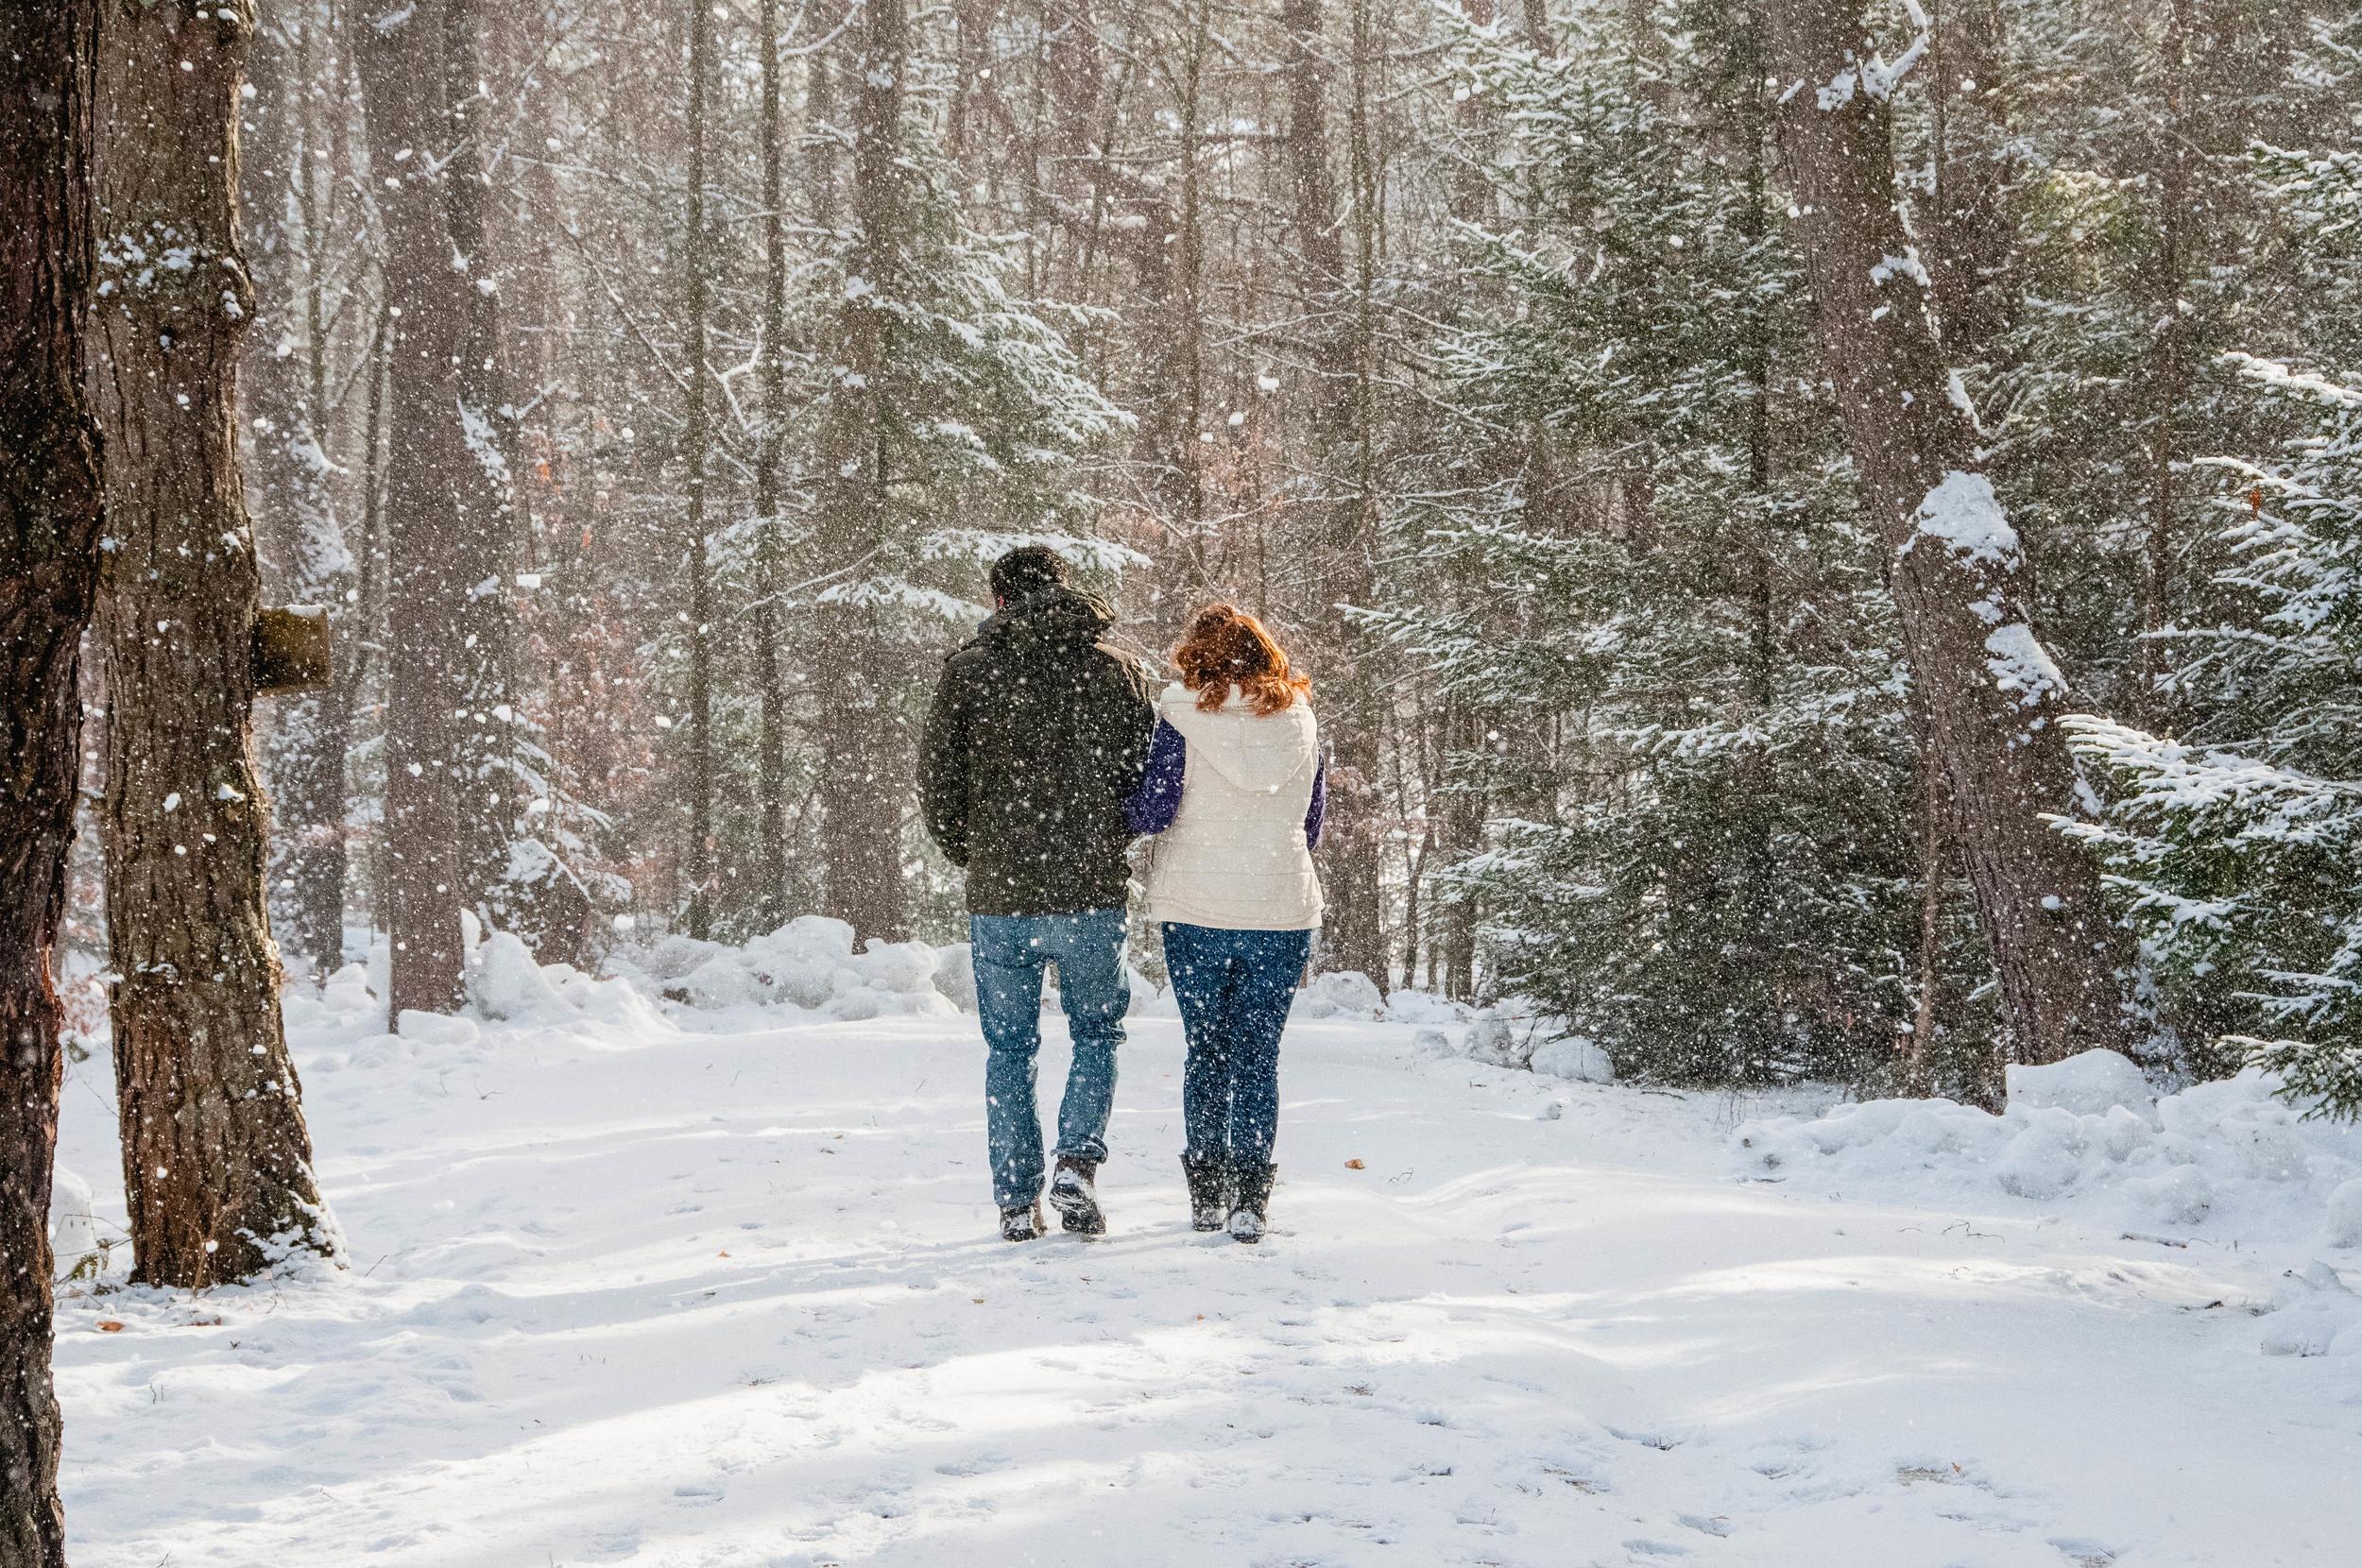 snowfall-morgan-eric